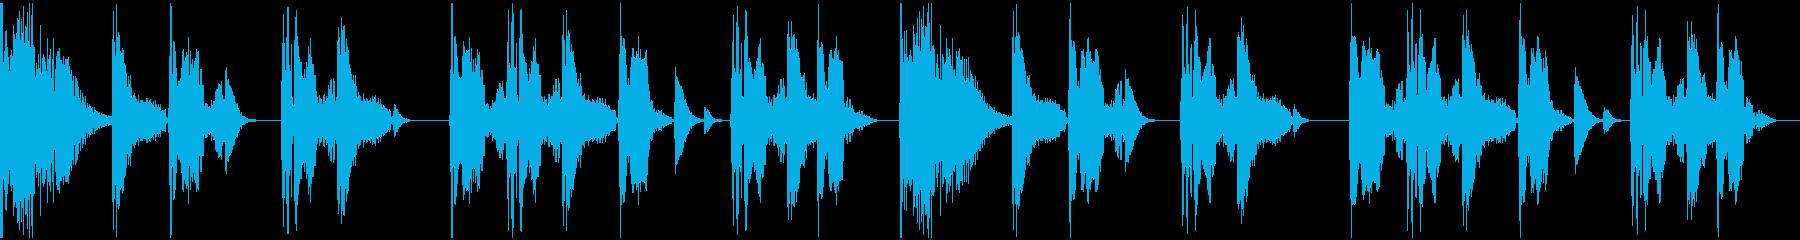 【エレクトロニカ】ロング3、ショート3の再生済みの波形